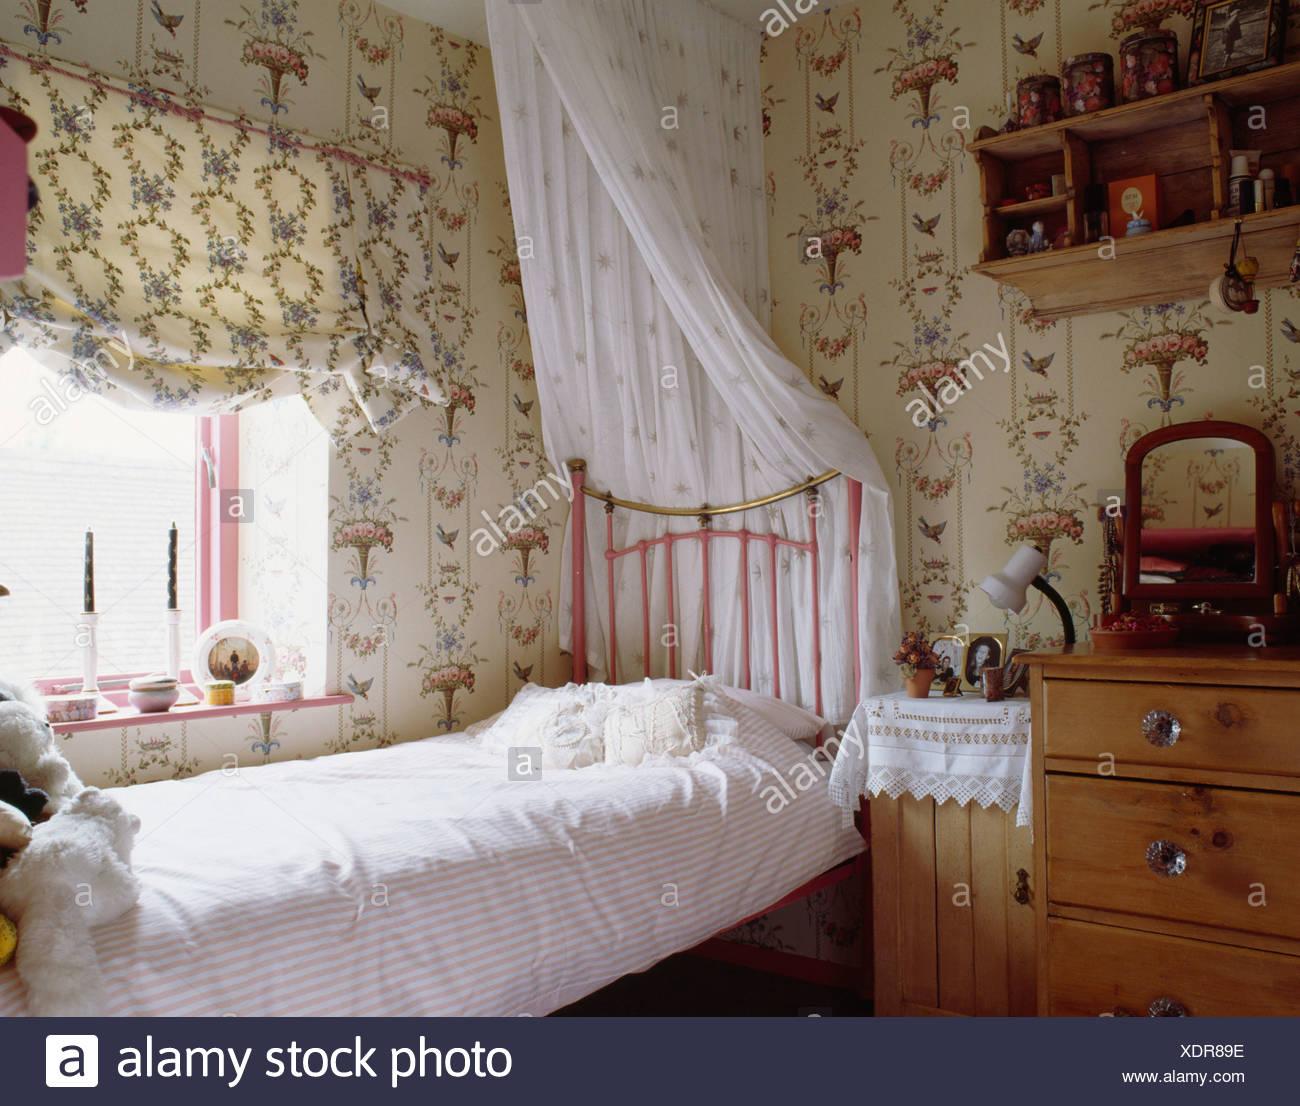 Mustertapeten und Blind in Teenager Mädchen Schlafzimmer mit weißen ...